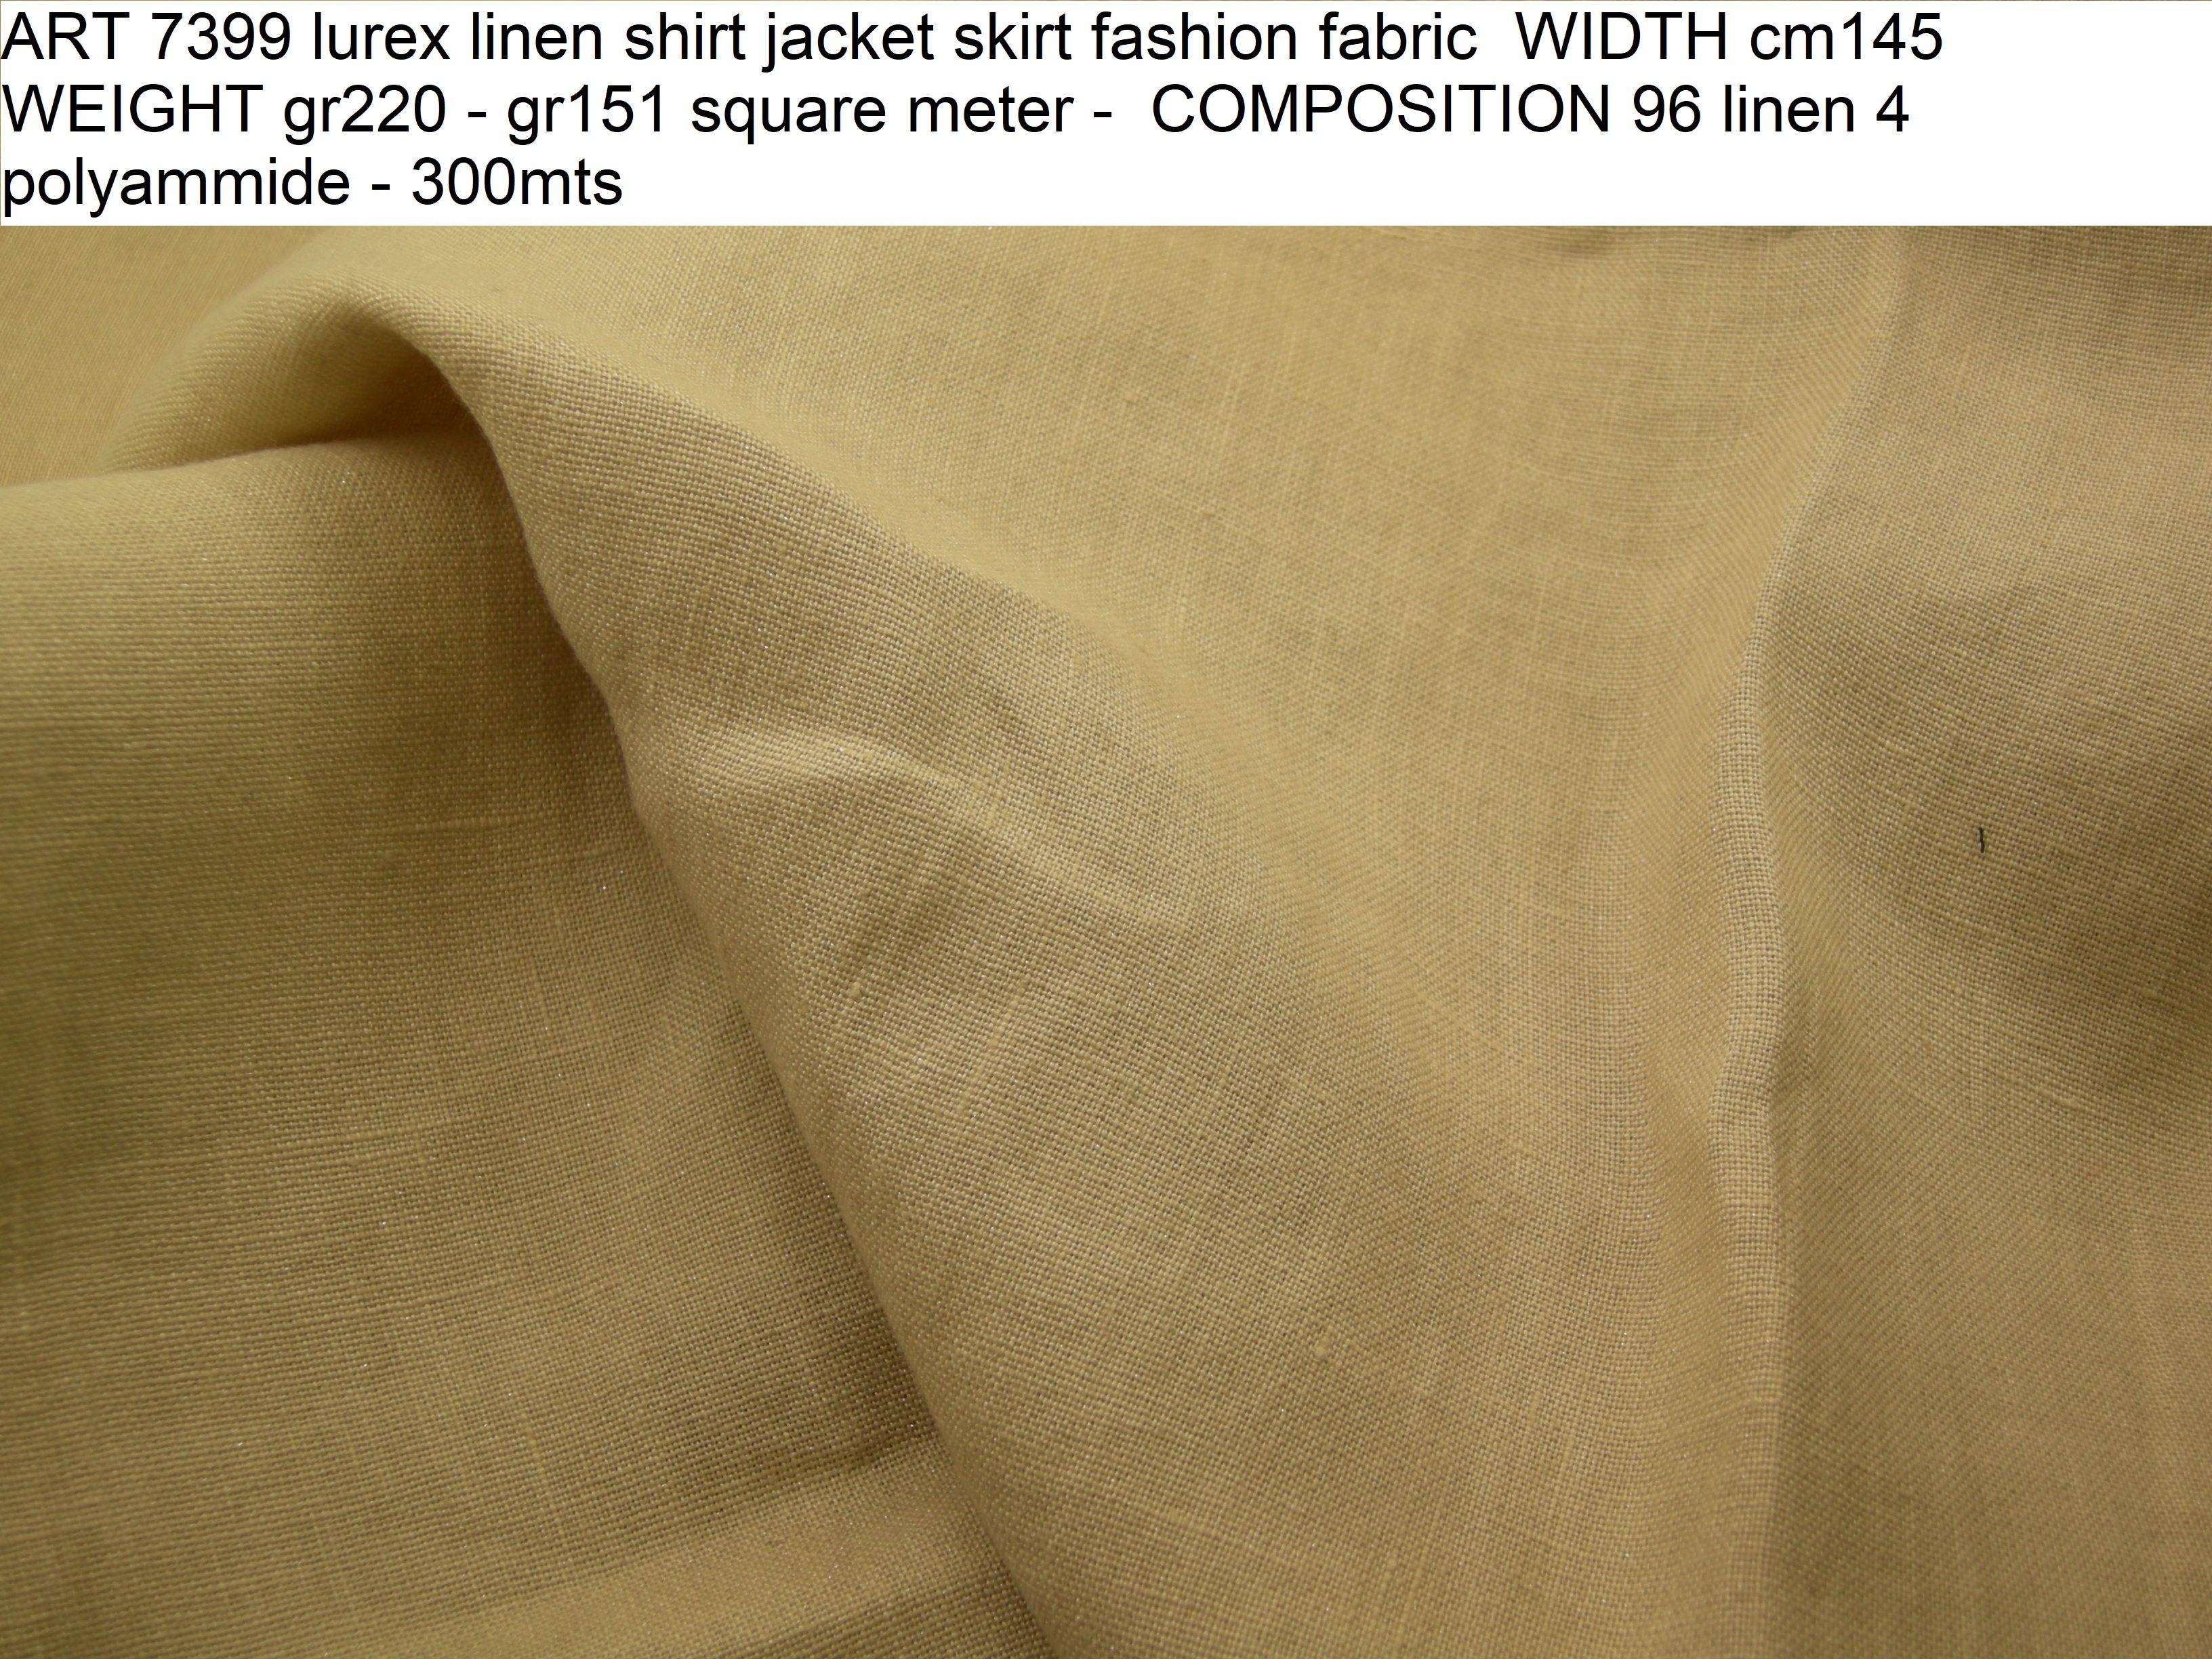 ART 7399 lurex linen shirt jacket skirt fashion fabric WIDTH cm145 WEIGHT gr220 - gr151 square meter - COMPOSITION 96 linen 4 polyammide - 300mts